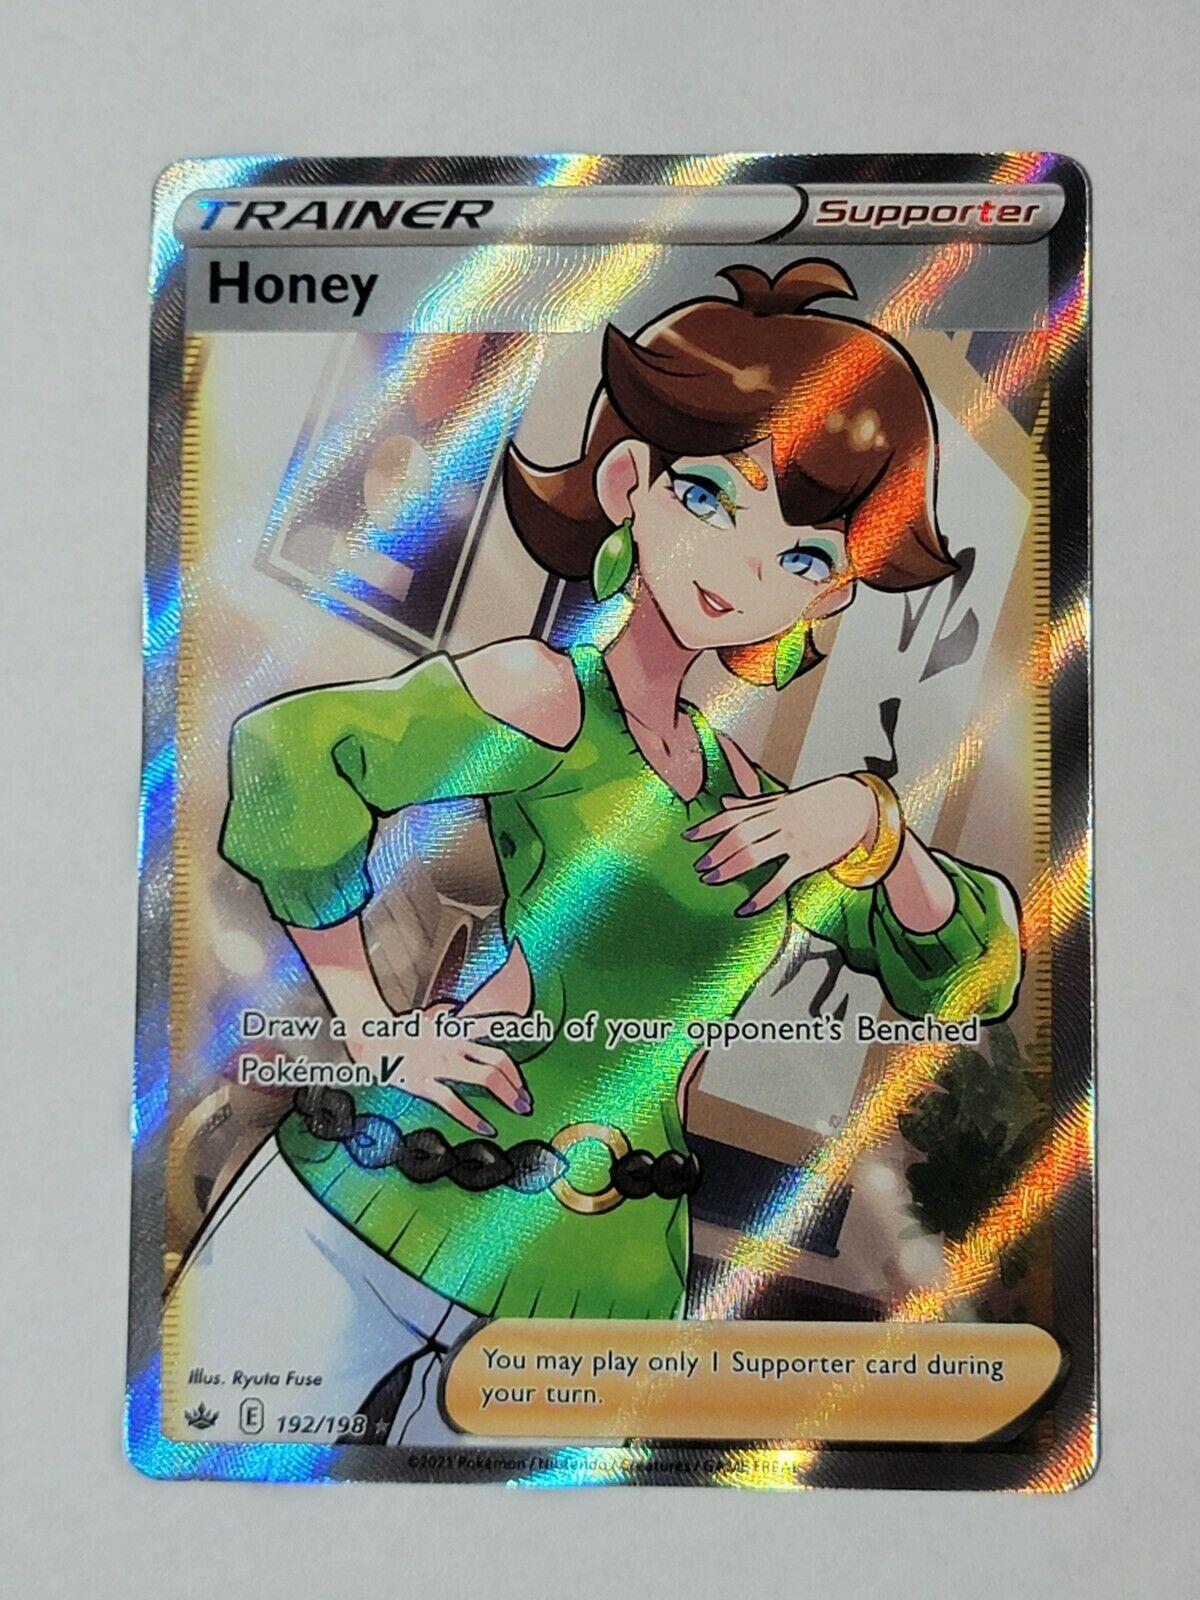 Pokemon TCG - Chilling Reign Trainer Honey 192/198 - Full Art